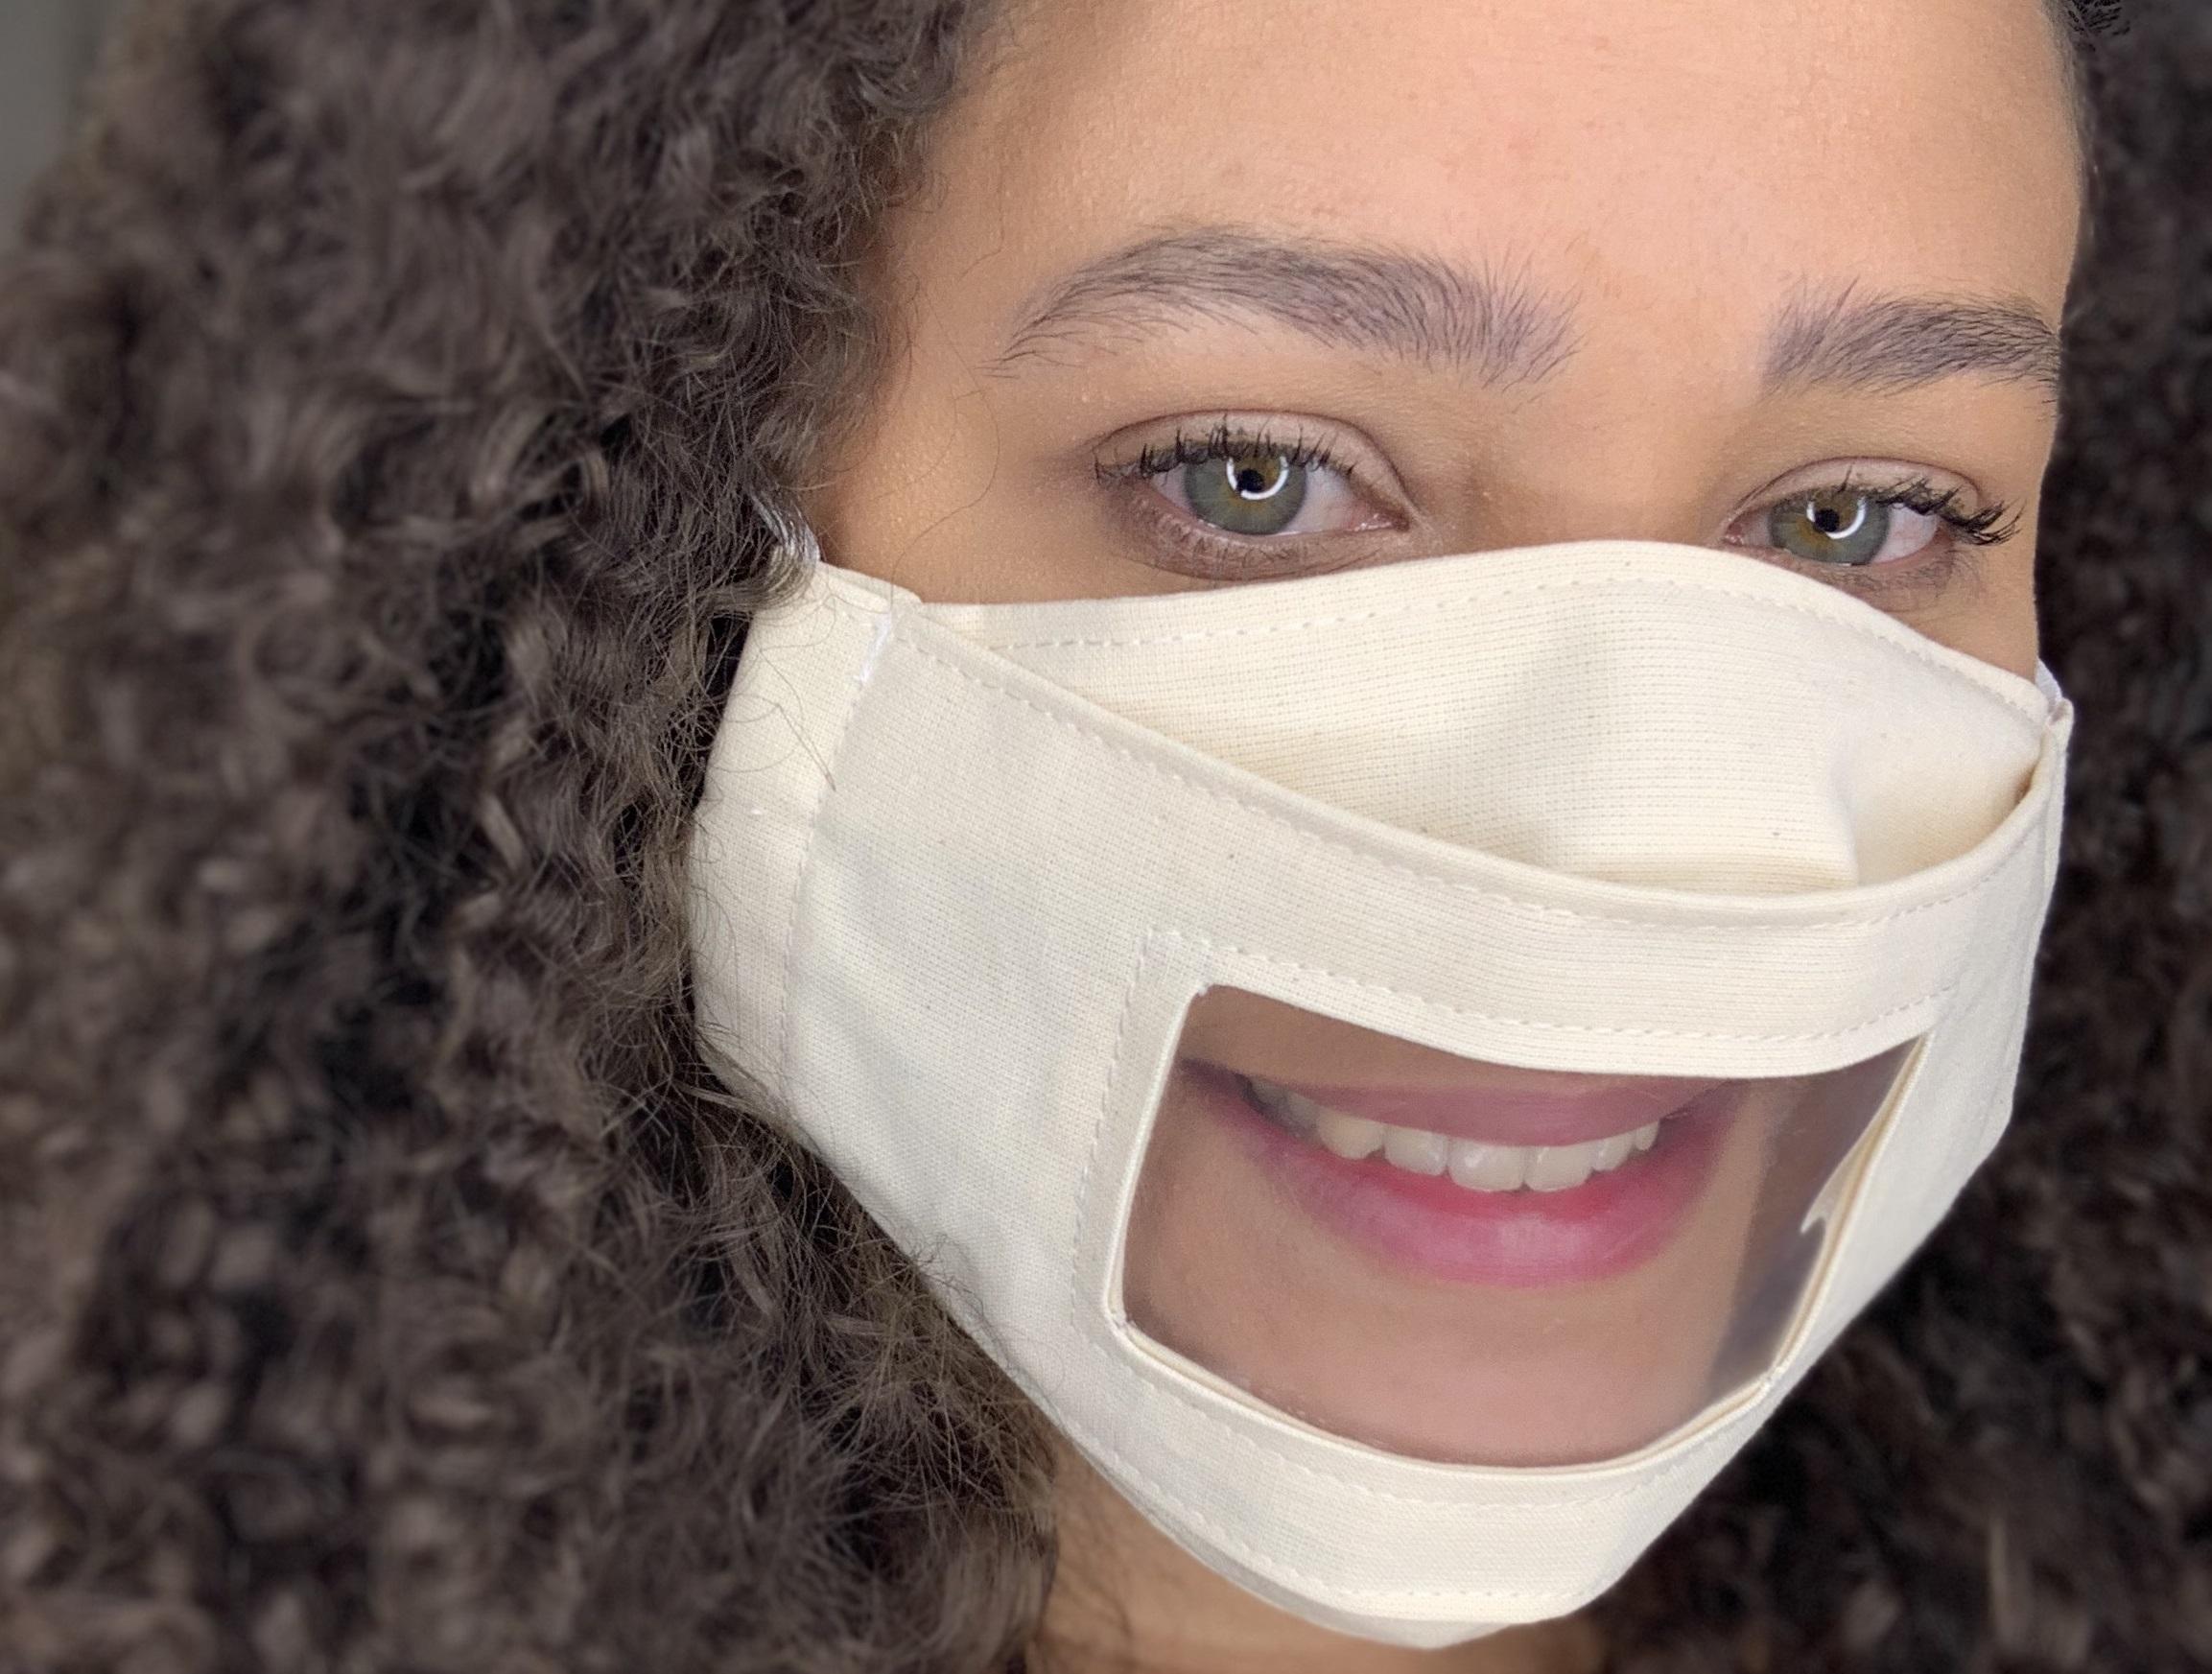 Foto de uma mulher jovem usando uma máscara de pano com visor transparente na região da boca.